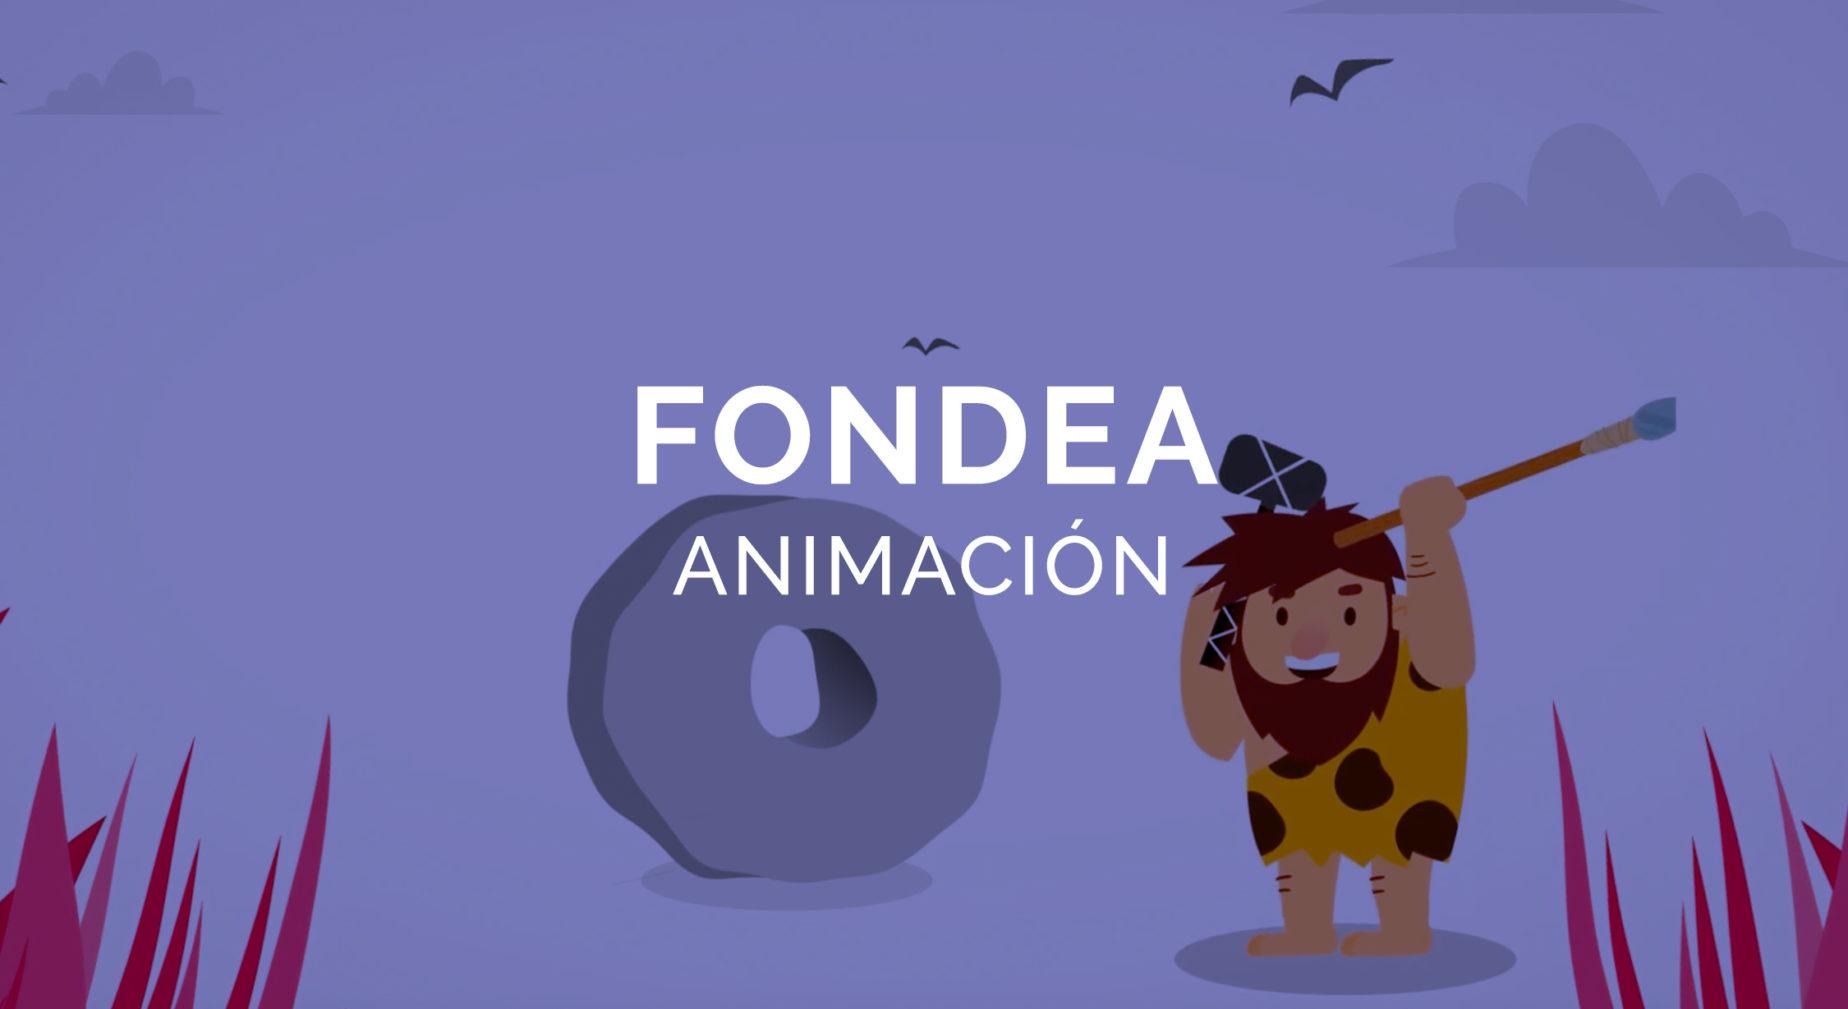 Fondea